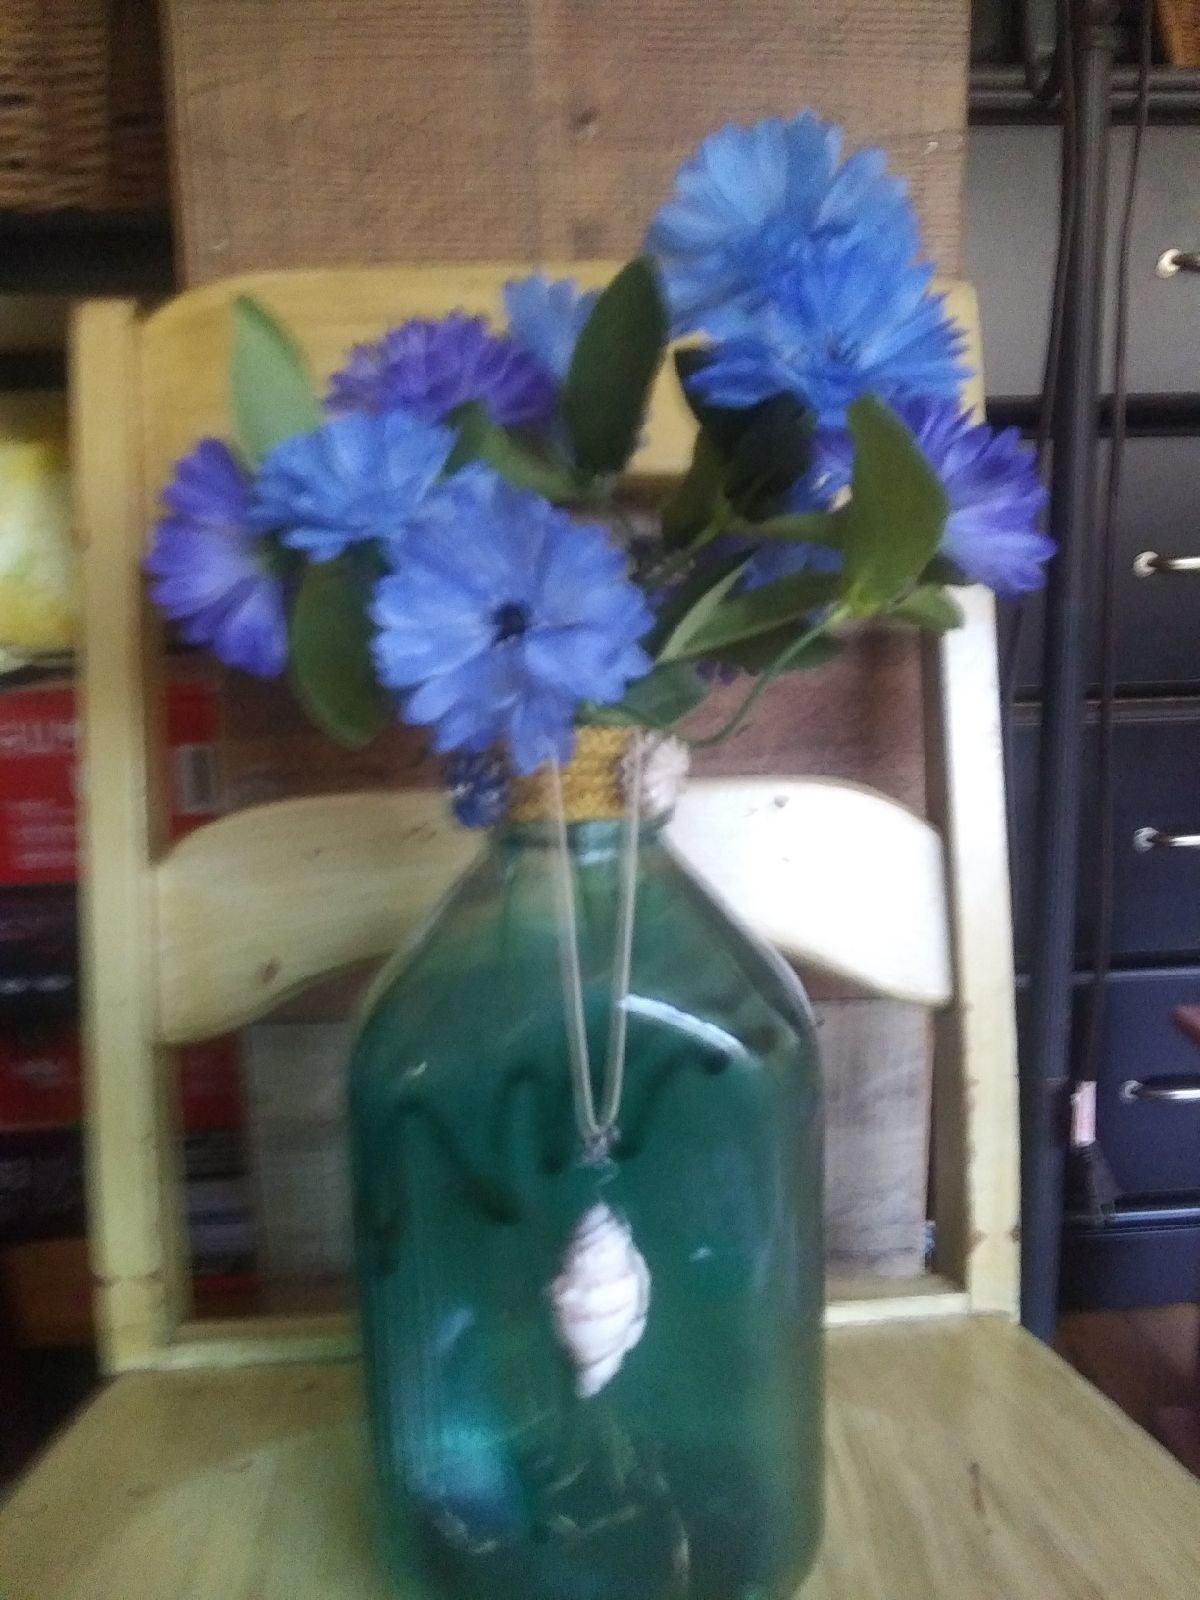 Vintage milk jug recycled